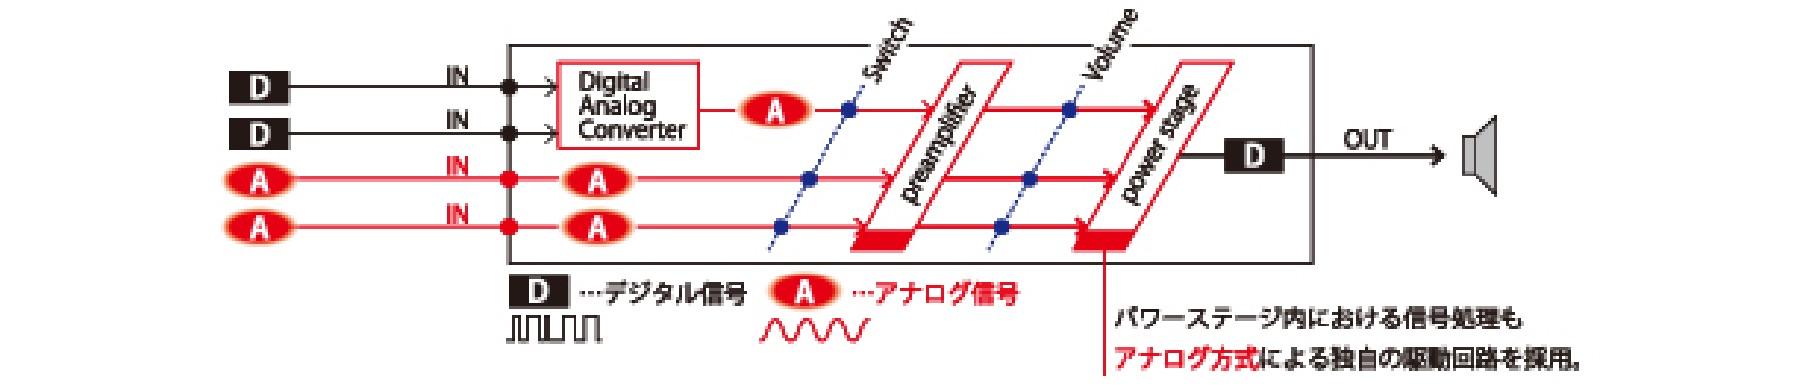 クイックレスポンス電源回路の採用